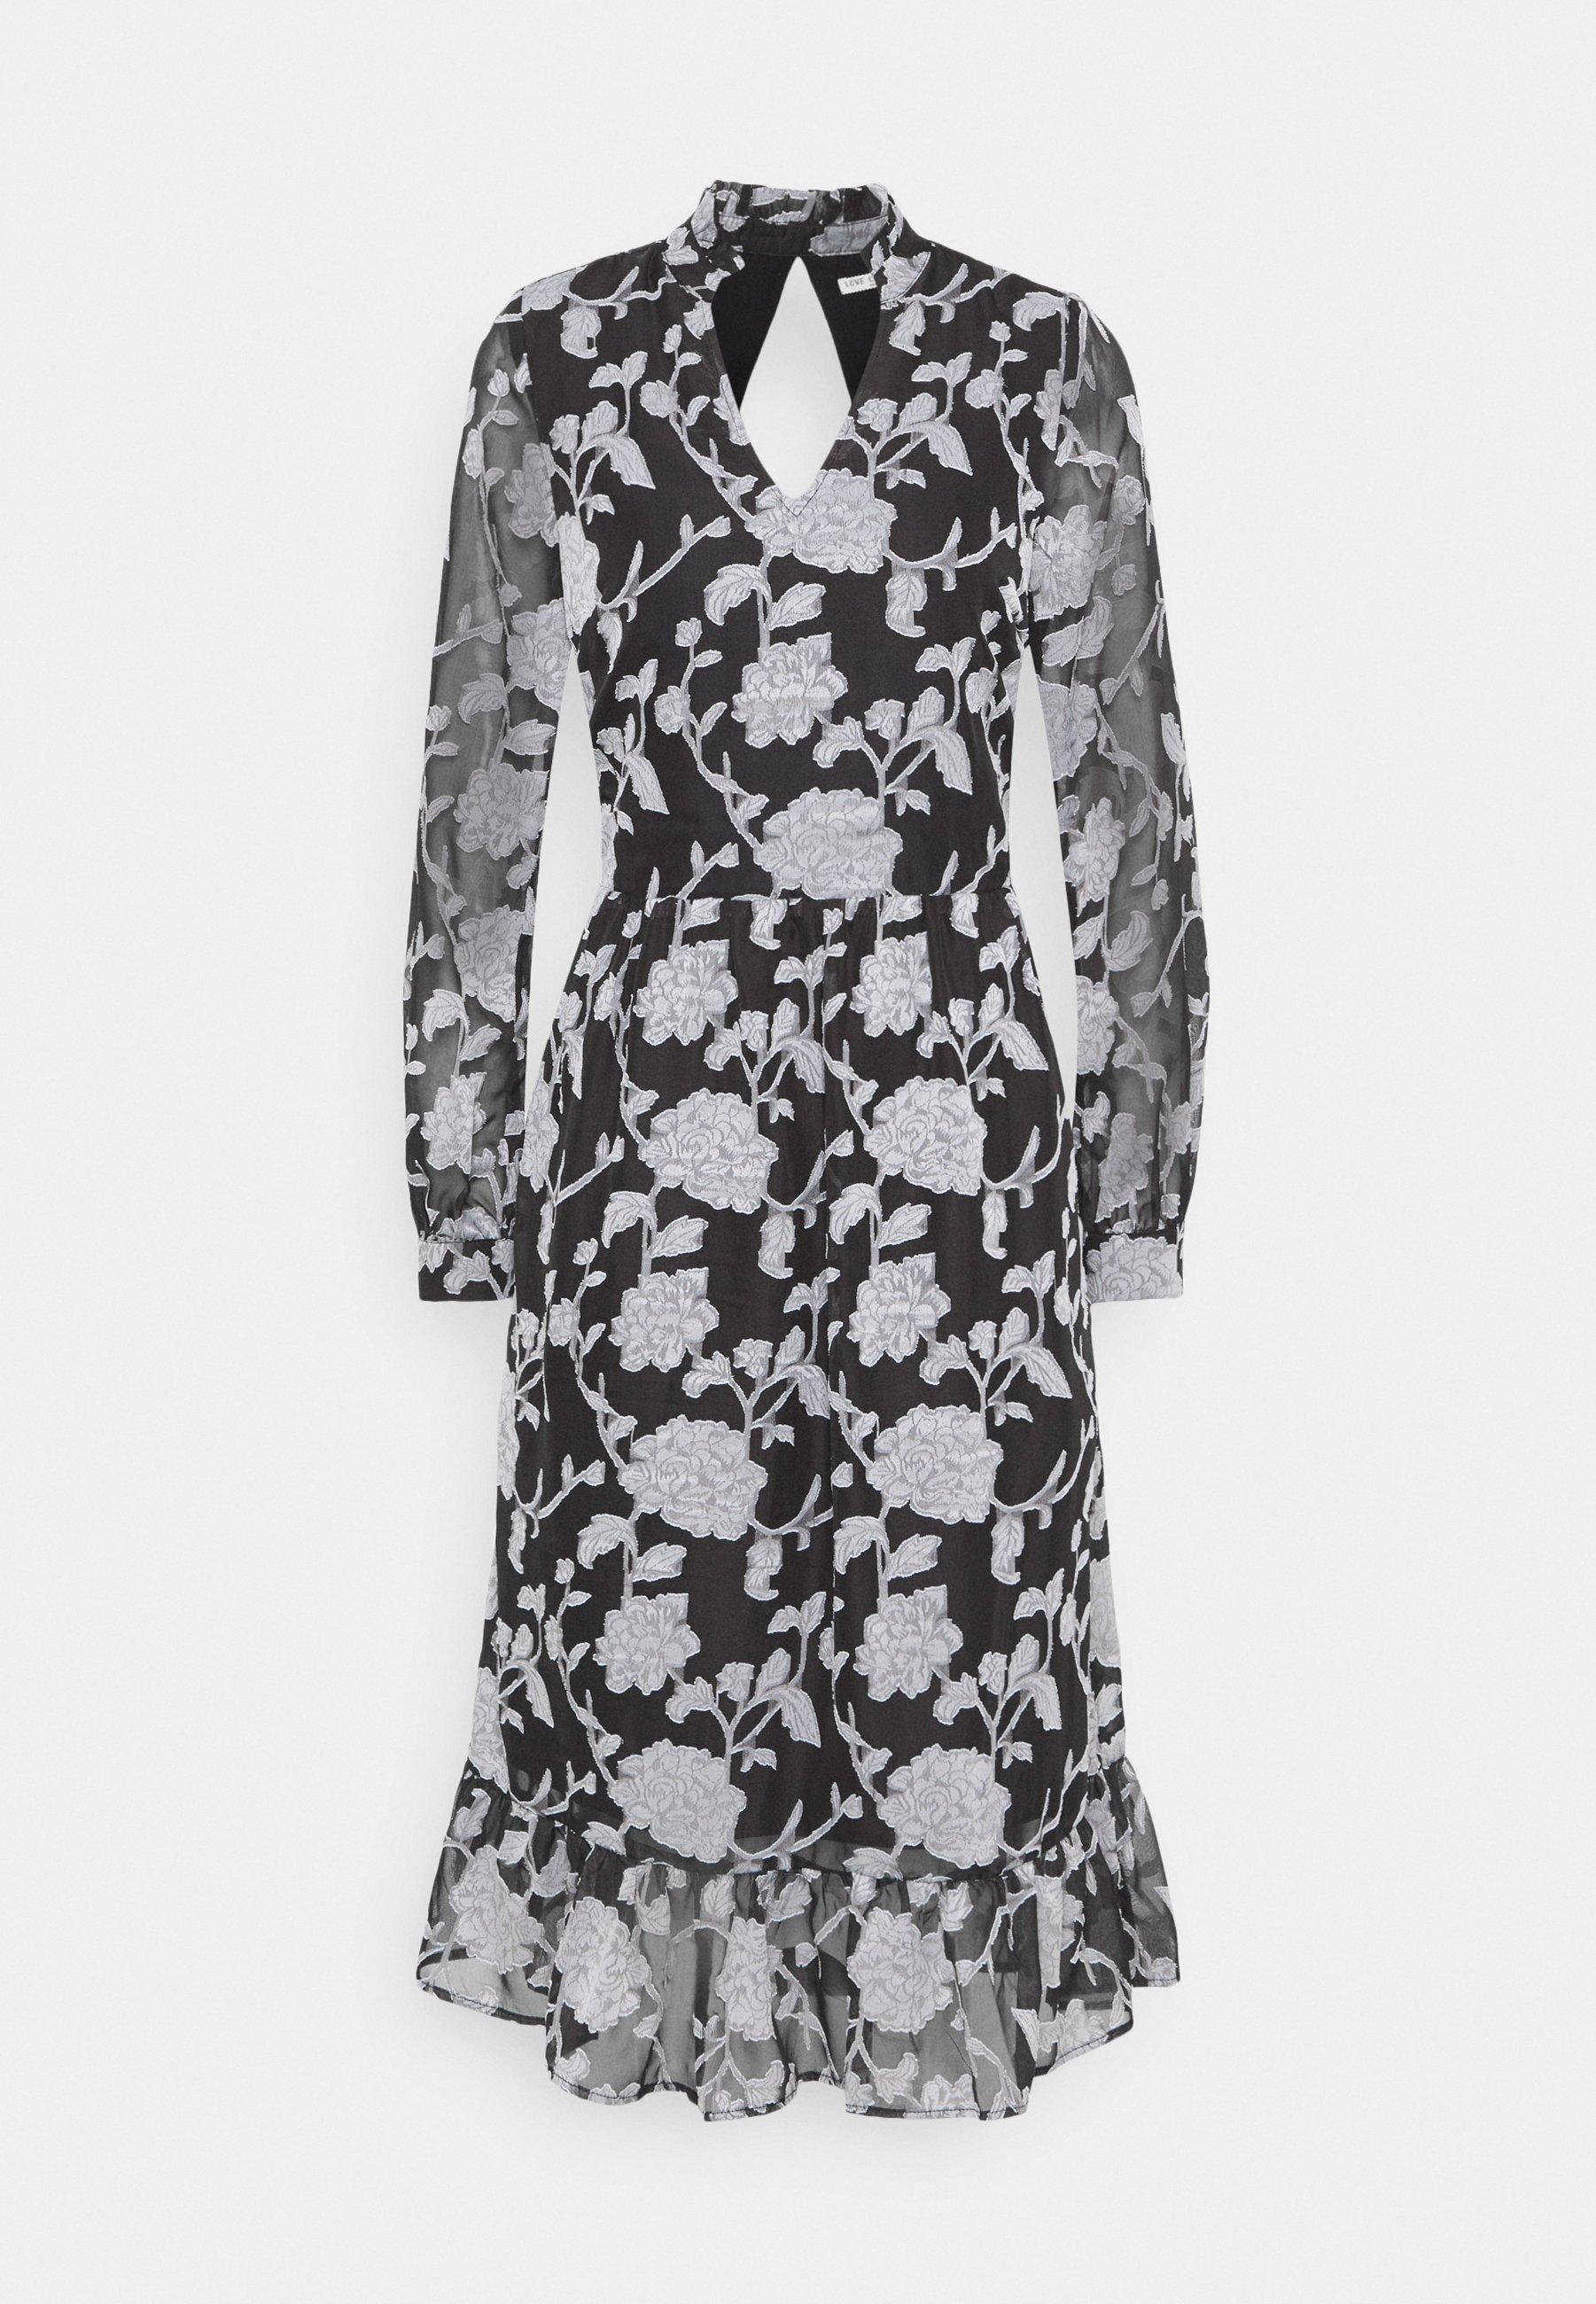 Women LCKRISTA DRESS - Day dress - black / white